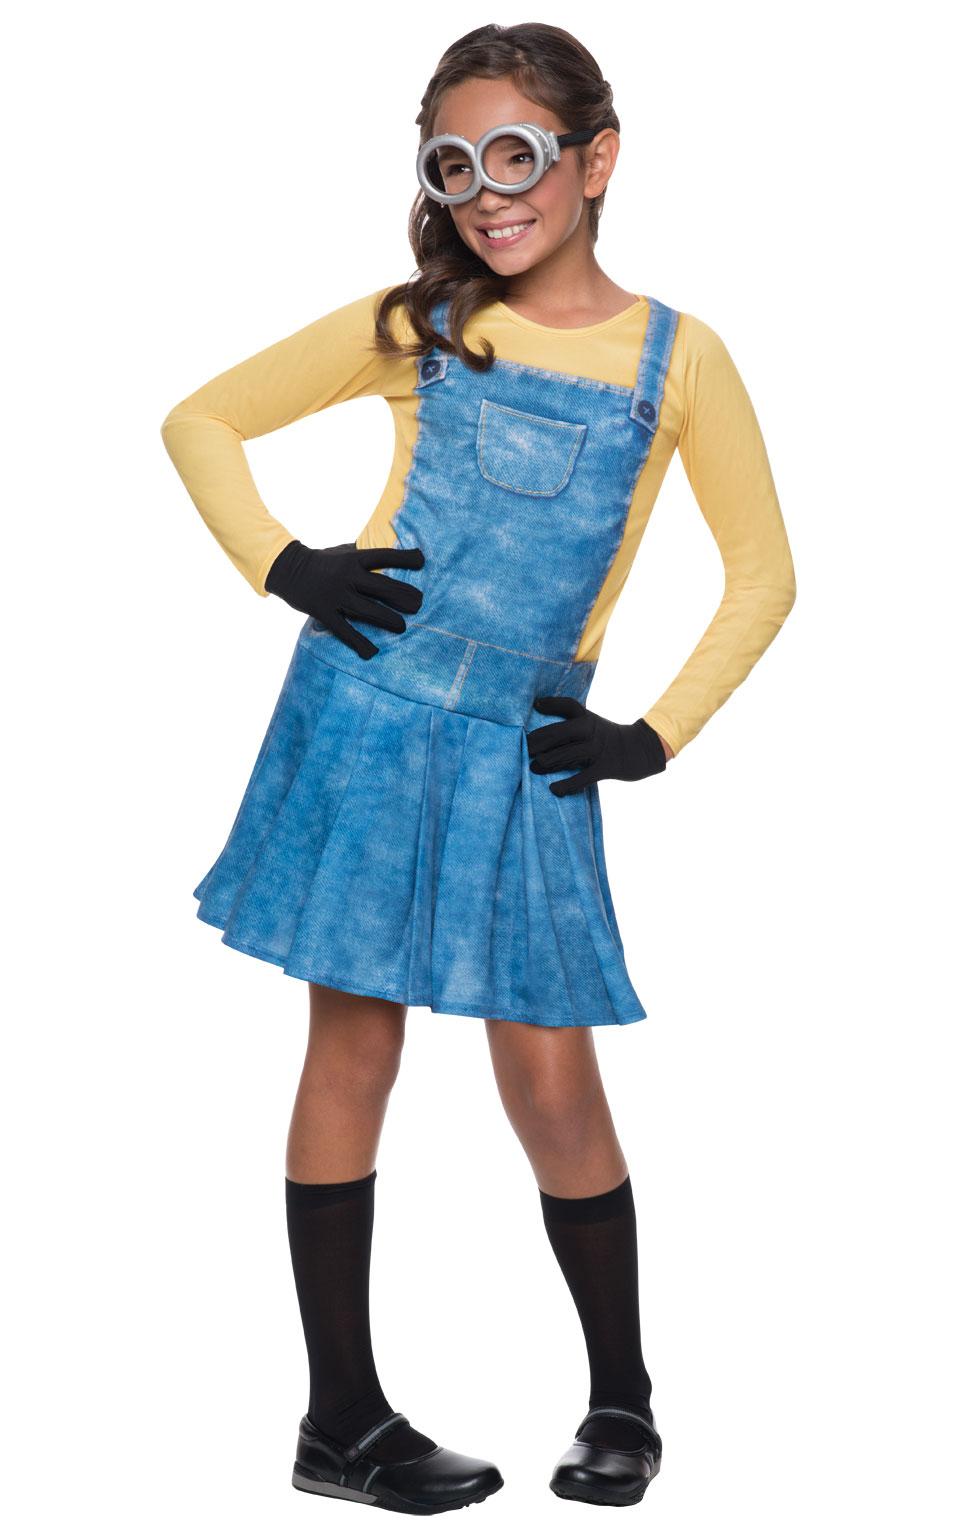 Rubies Detský kostým Mimoňka Veľkosť - deti: S